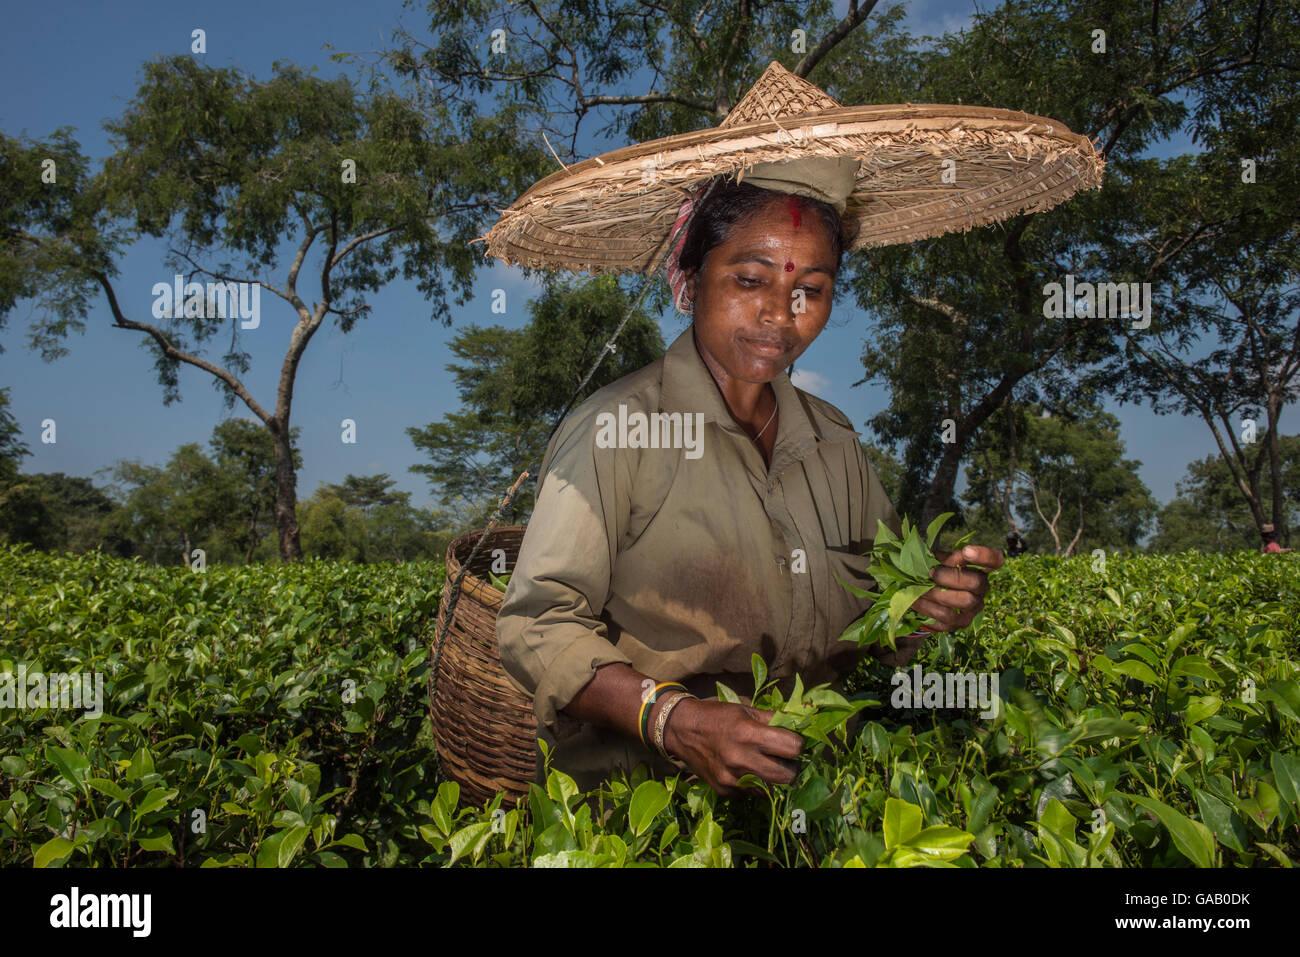 Raccoglitrice di tè, raccogliere le foglie di tè (Camelia sinensis) indossando grande cappello di paglia, Immagini Stock